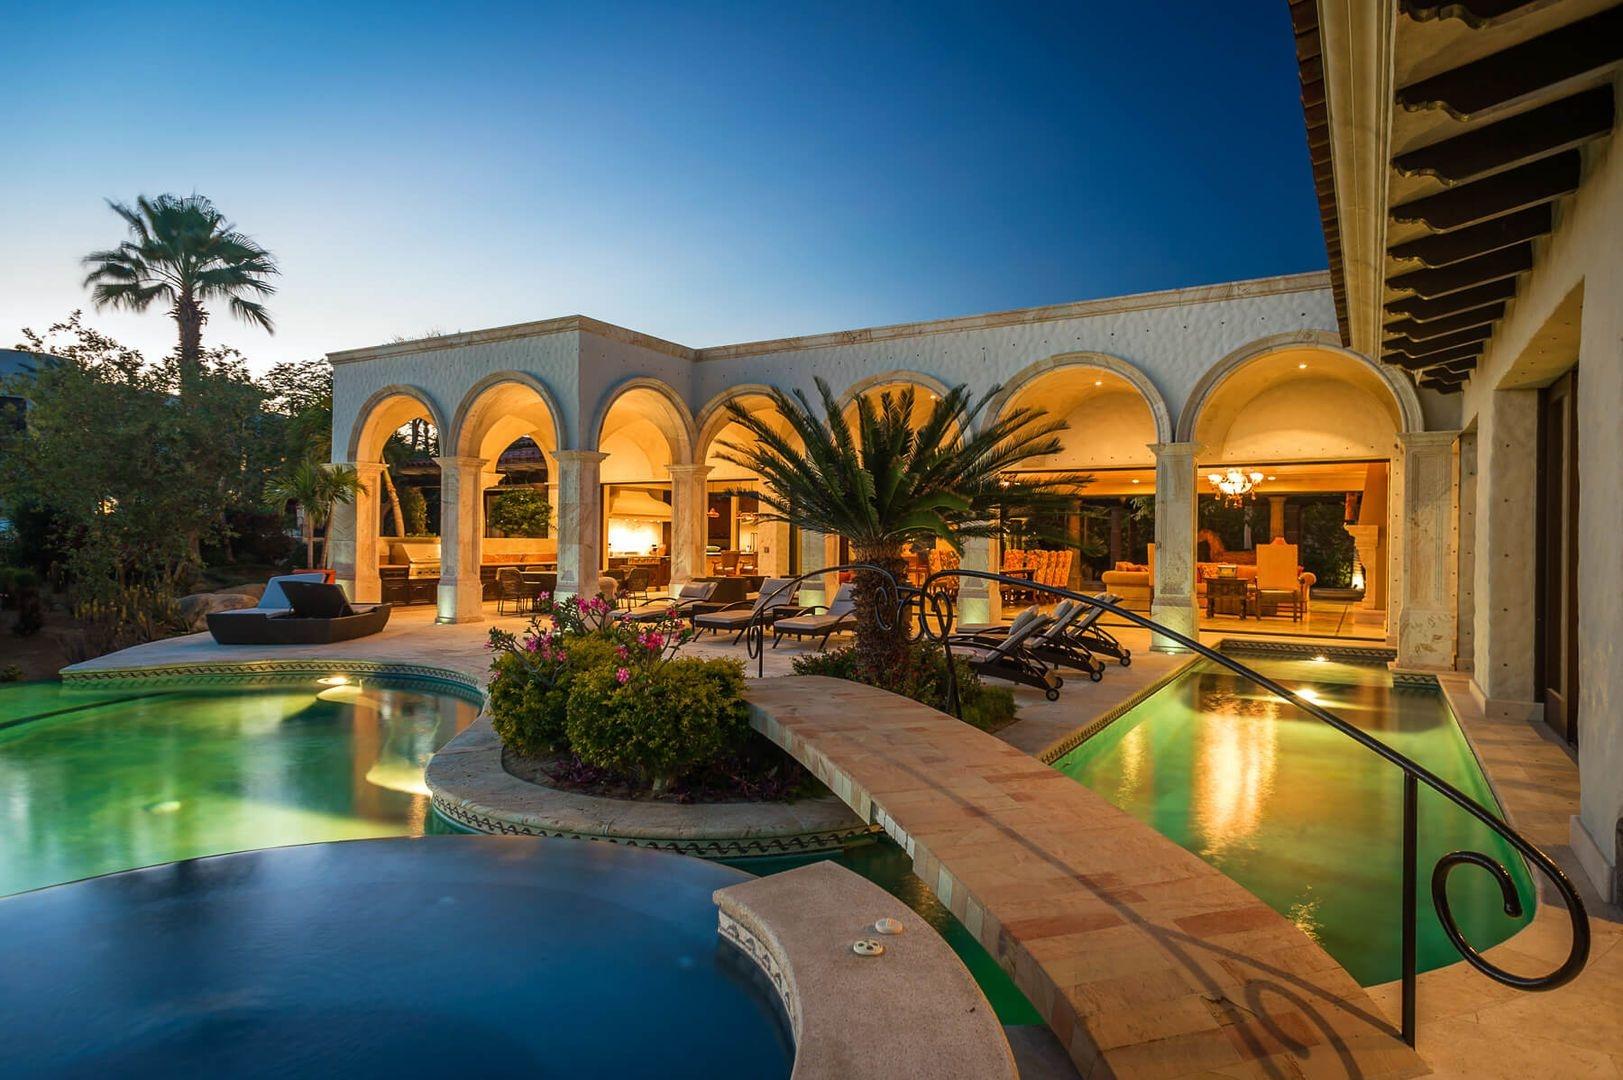 Luxury vacation rentals mexico - Los cabos - San jose del cabo - Puerto los cabos - Casa Lieber - Image 1/20